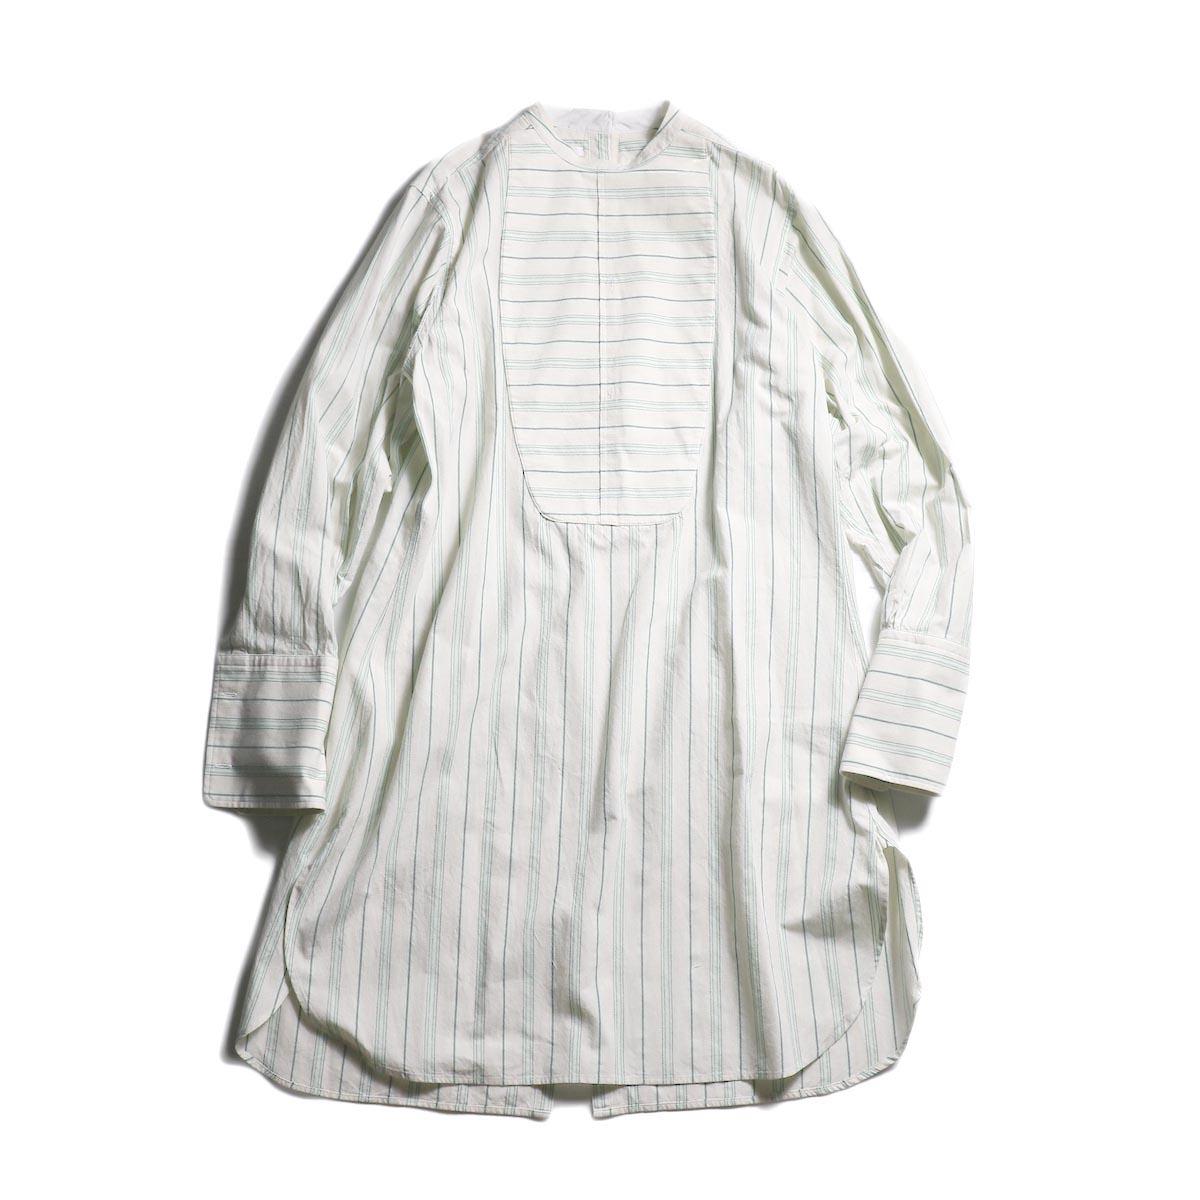 FUMIKA UCHIDA / STRETCH COTTON BACK OPEN LONG SH (Grey × Pepermint)